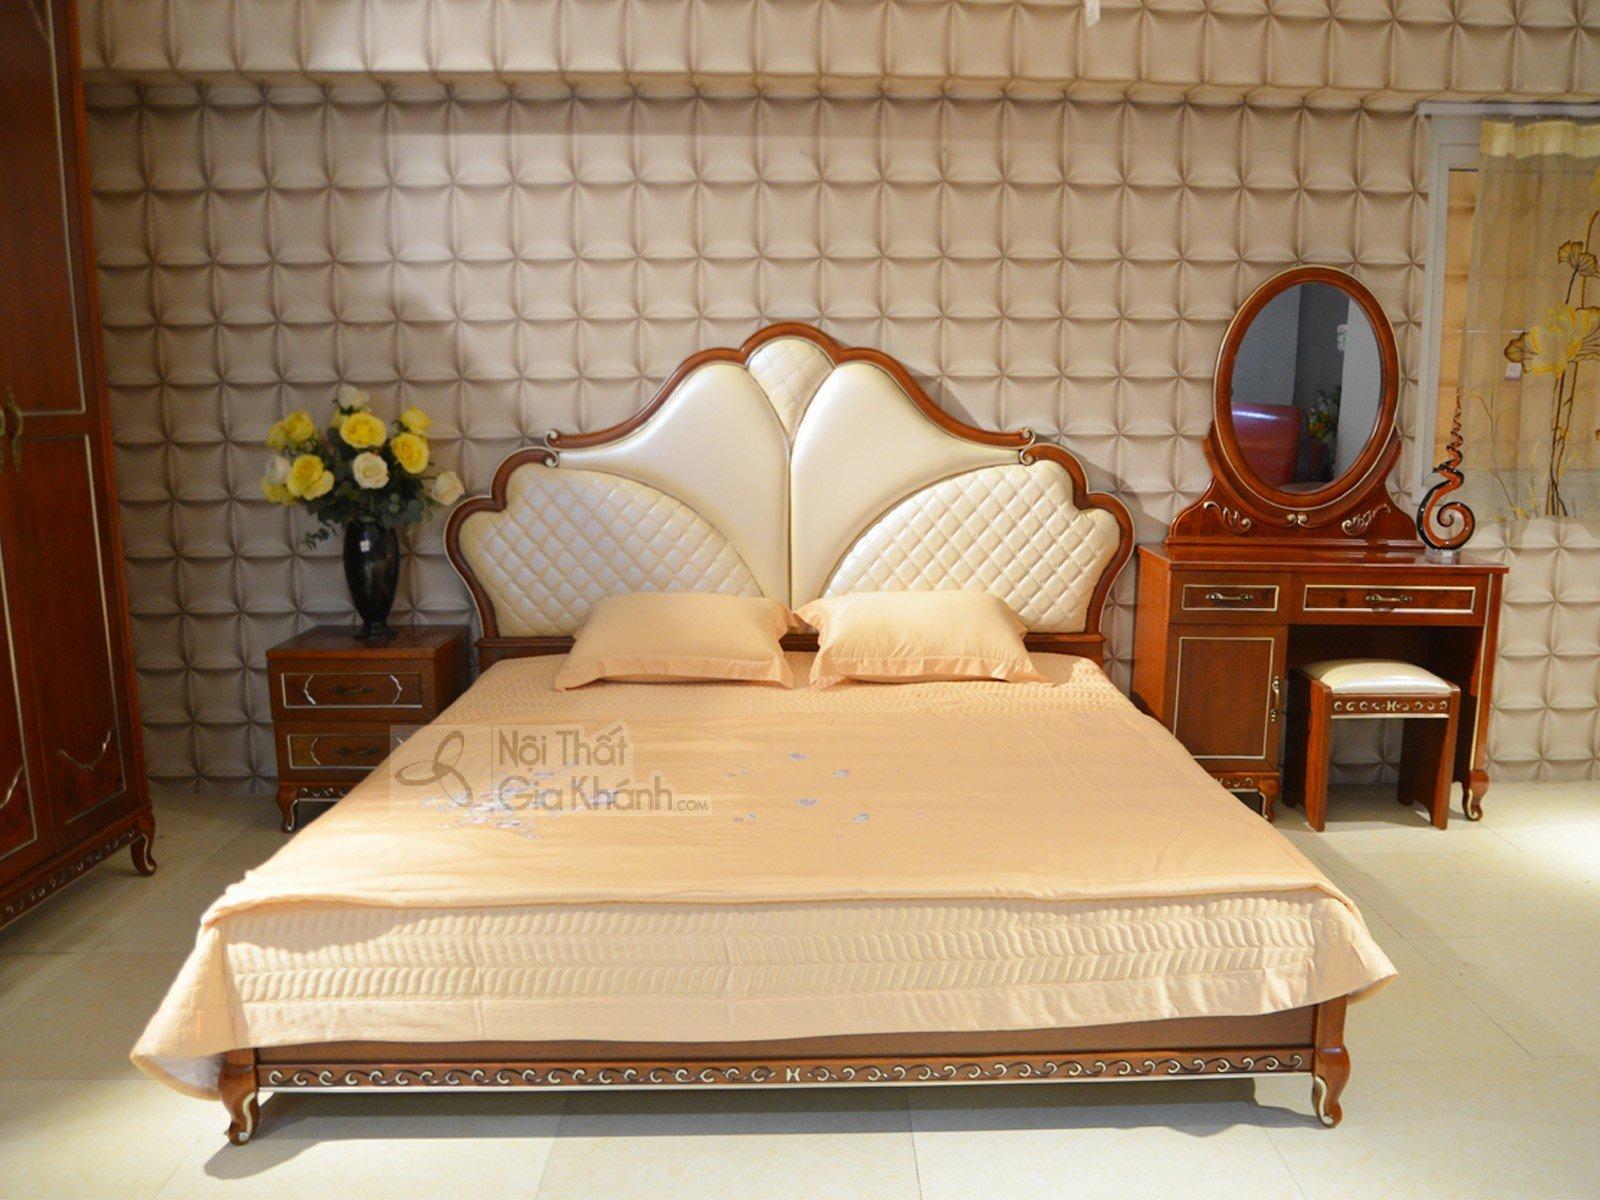 giường ngủ tân cổ điển 9981AL 2085x2115x1438 - Bộ phòng ngủ tân cổ điển bọc da cao cấp 39981BG